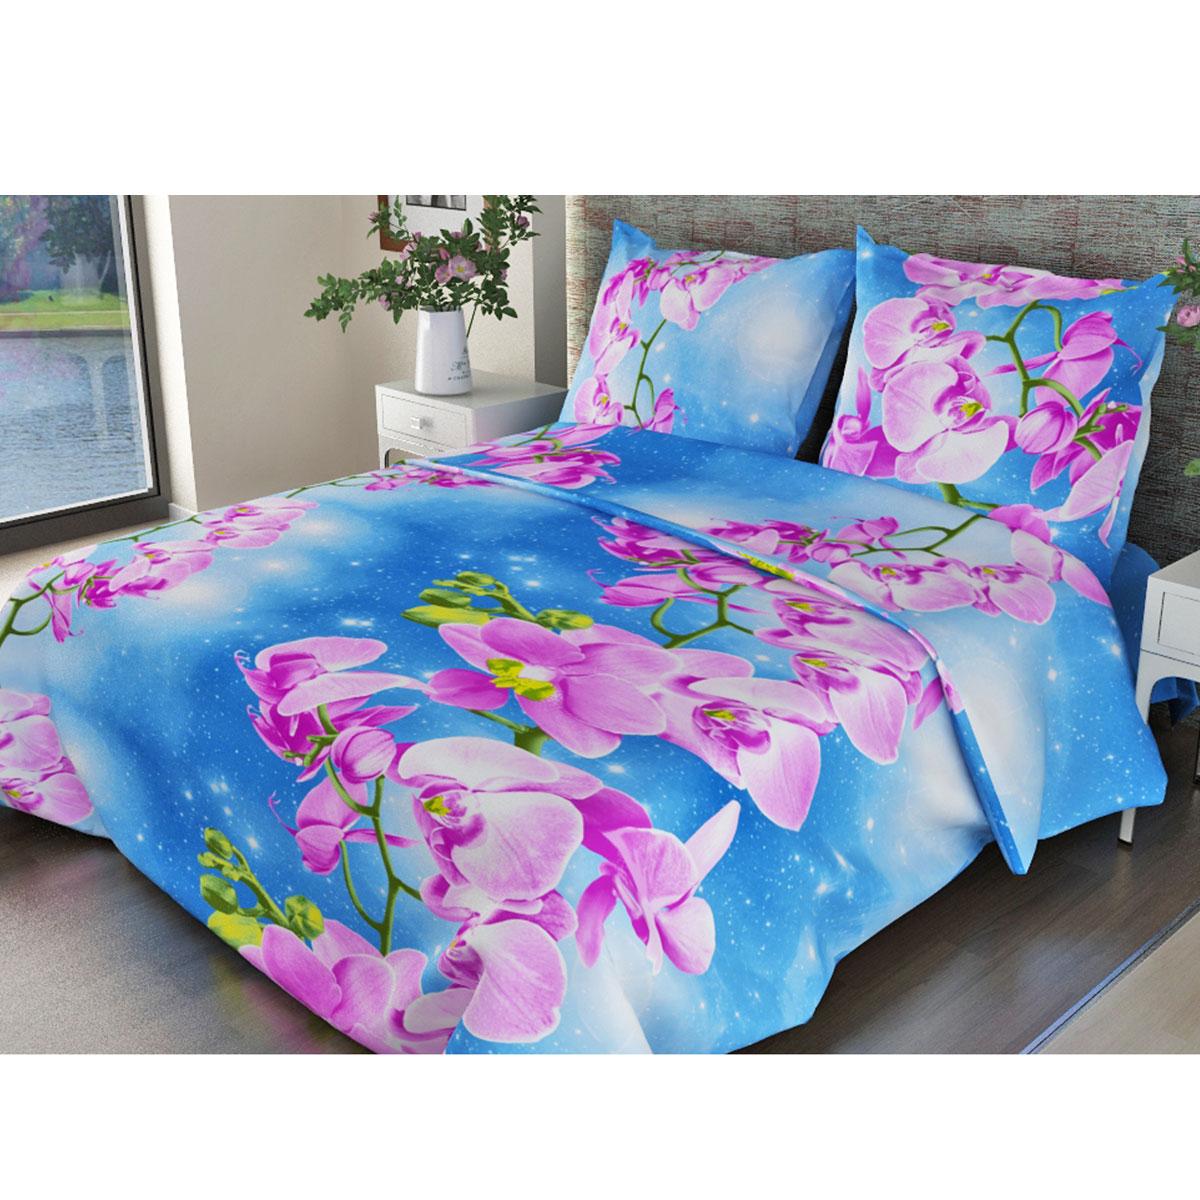 Комплект белья Fiorelly Орхидея, 1,5-спальный, наволочки 70х70, цвет: синий, розовый. F-306-143-150-70F-306-143-150-70Комплект постельного белья Fiorelly Орхидея выполнен из бязи (100% натурального хлопка). Комплект состоит из пододеяльника, простыни и двух наволочек. Постельное белье оформлено ярким красочным рисунком. Хлопчатобумажная плотная ткань полотняного переплетения приятная на ощупь, мягкая и нежная, при этом она прочная и хорошо сохраняет форму. Ткань легко гладится. Благодаря такому комплекту постельного белья вы сможете создать атмосферу роскоши и романтики в вашей спальне.